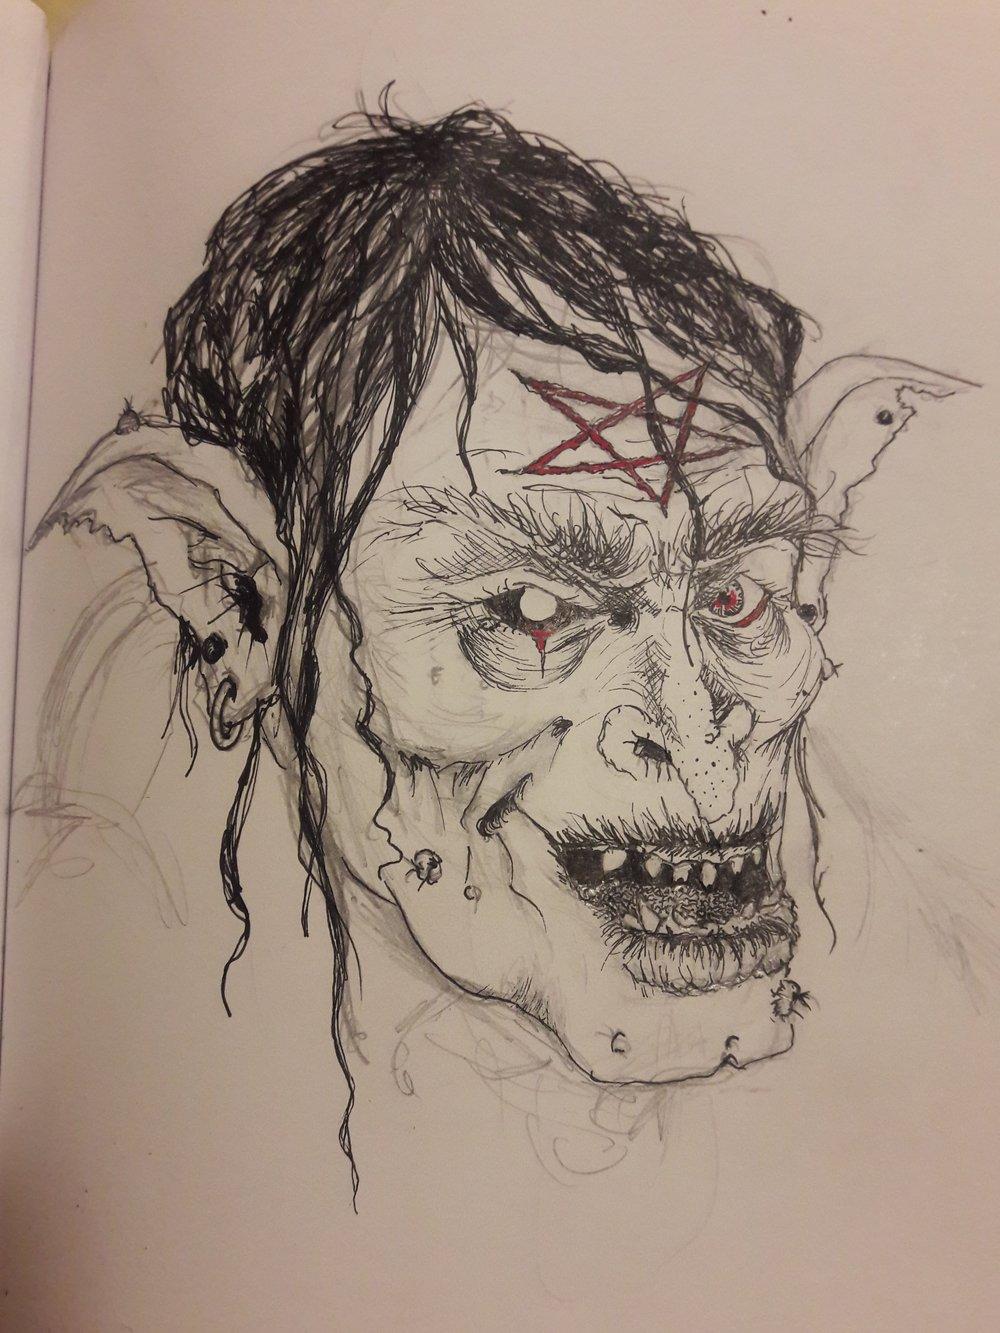 Bog Witch, 2016